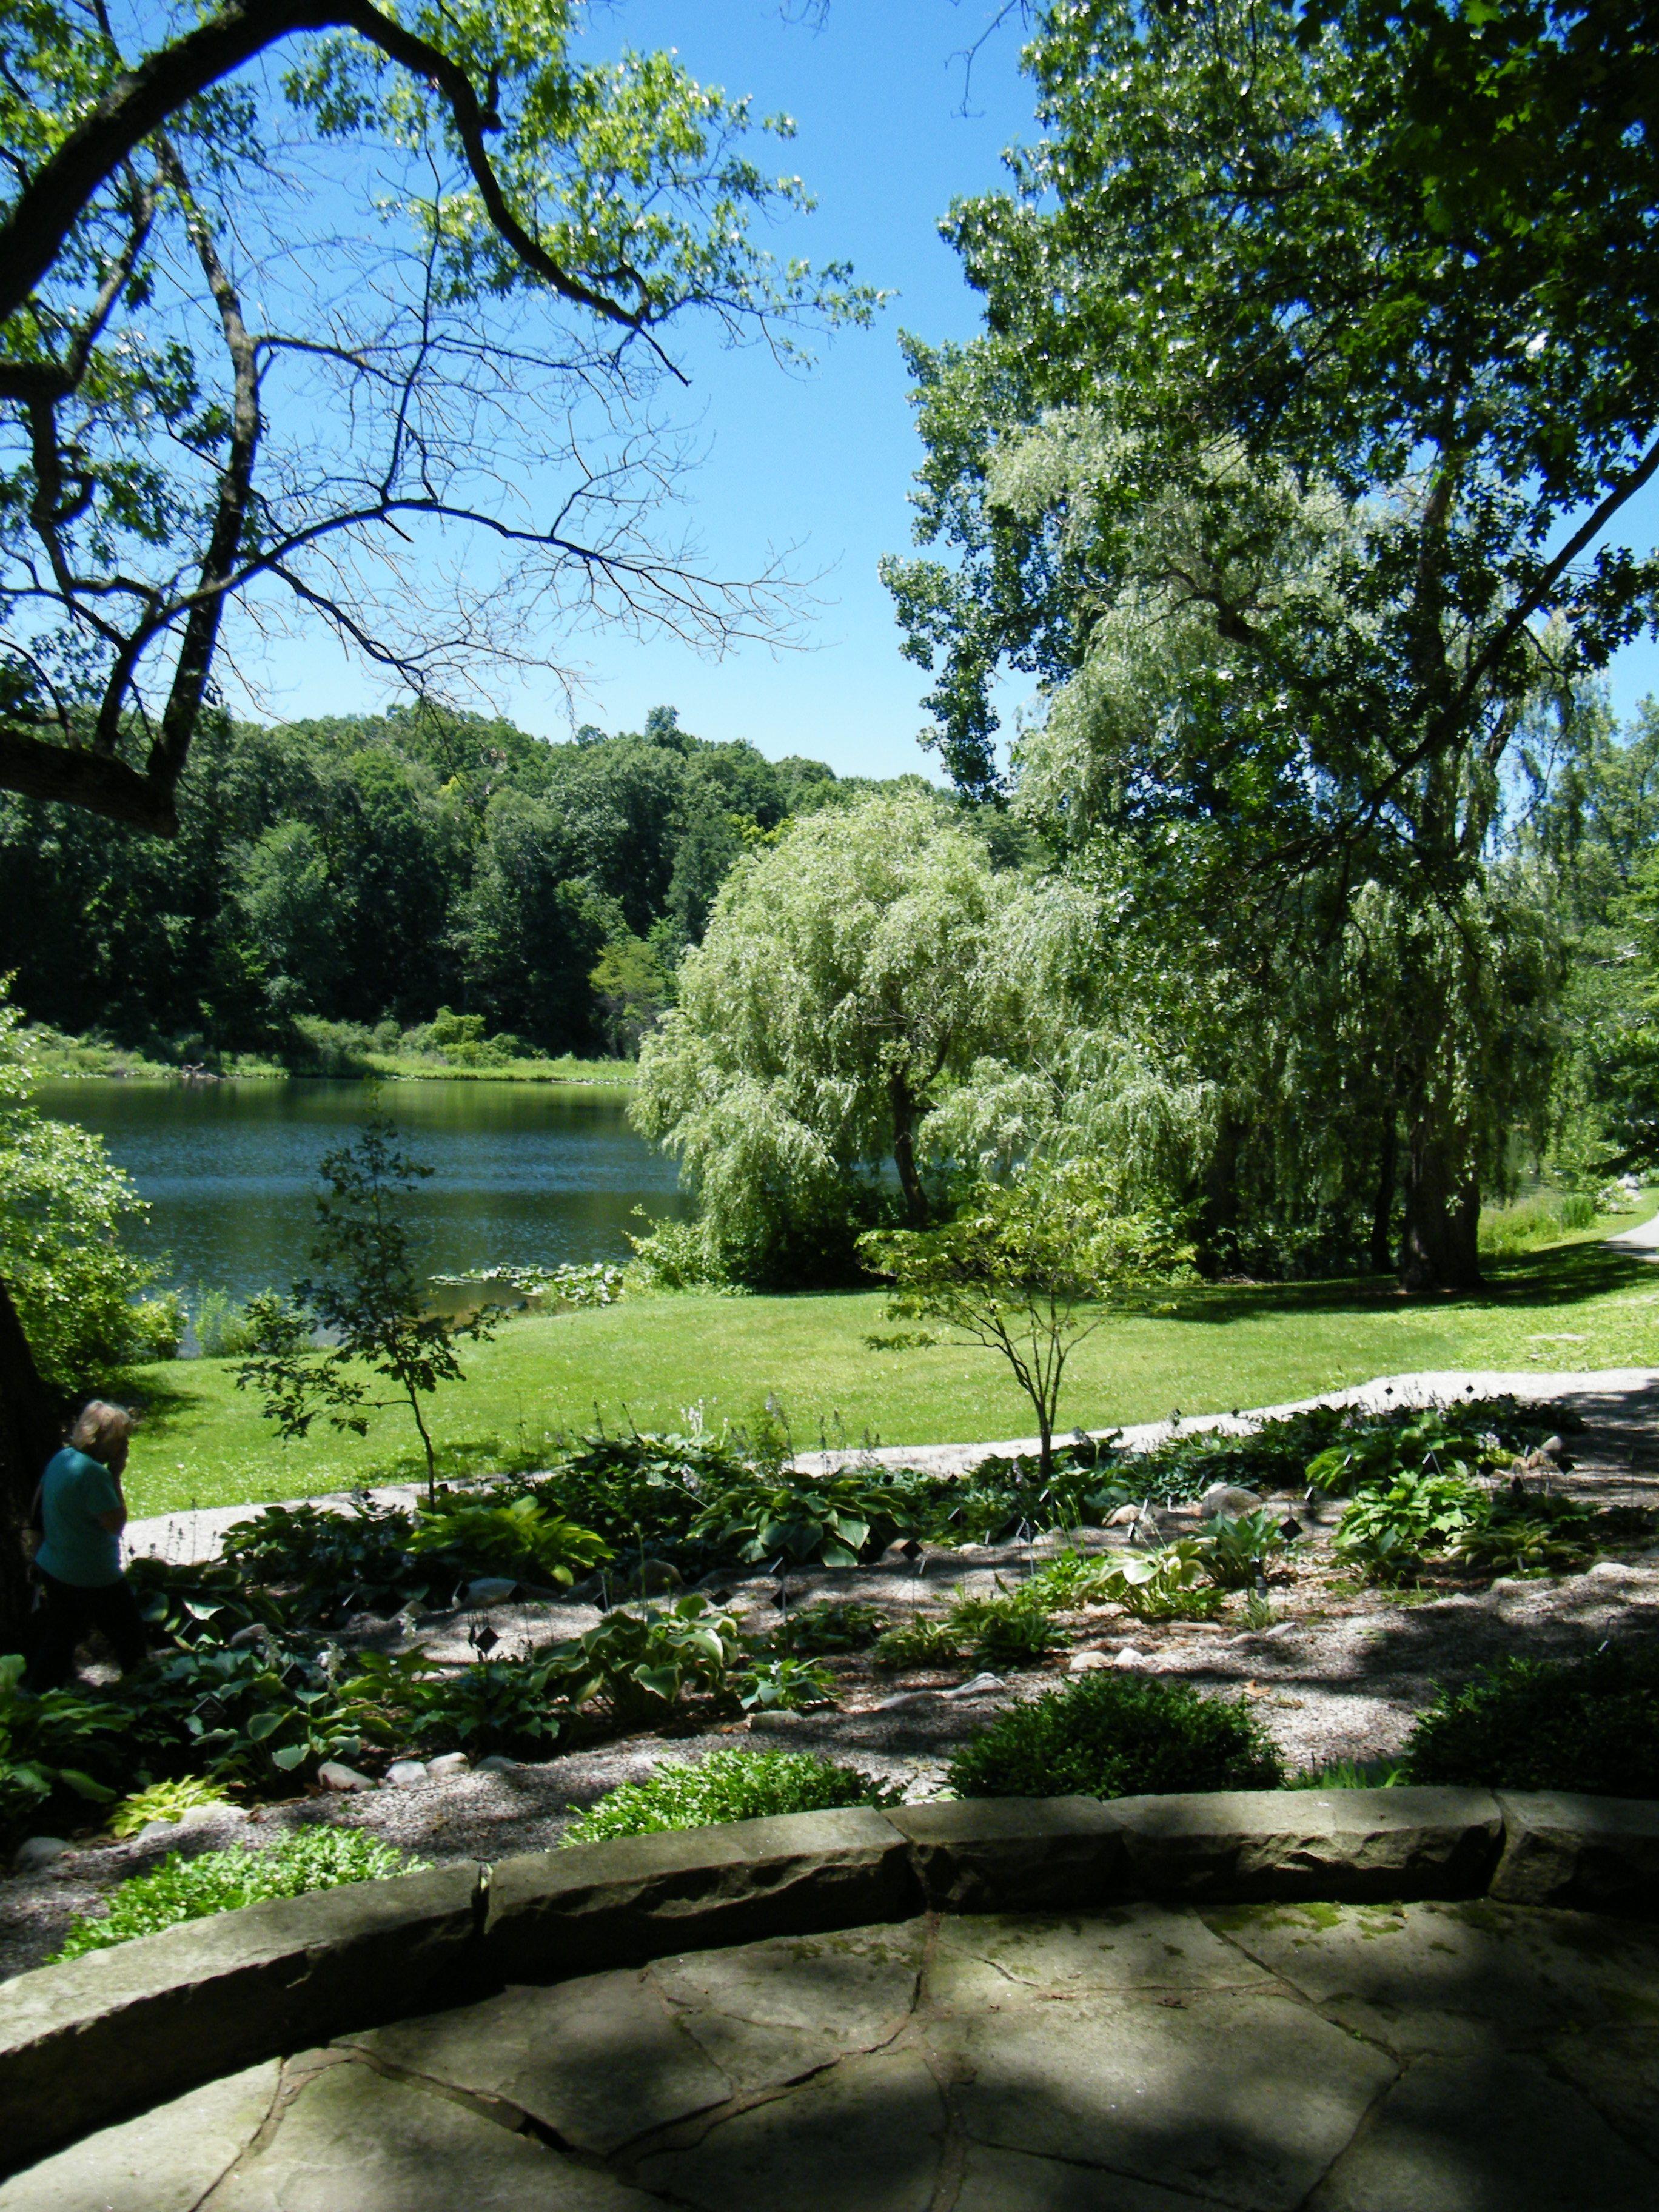 9e0937bd251e3e30dac5789582c5324c - Hidden Lake Gardens In Tipton Michigan